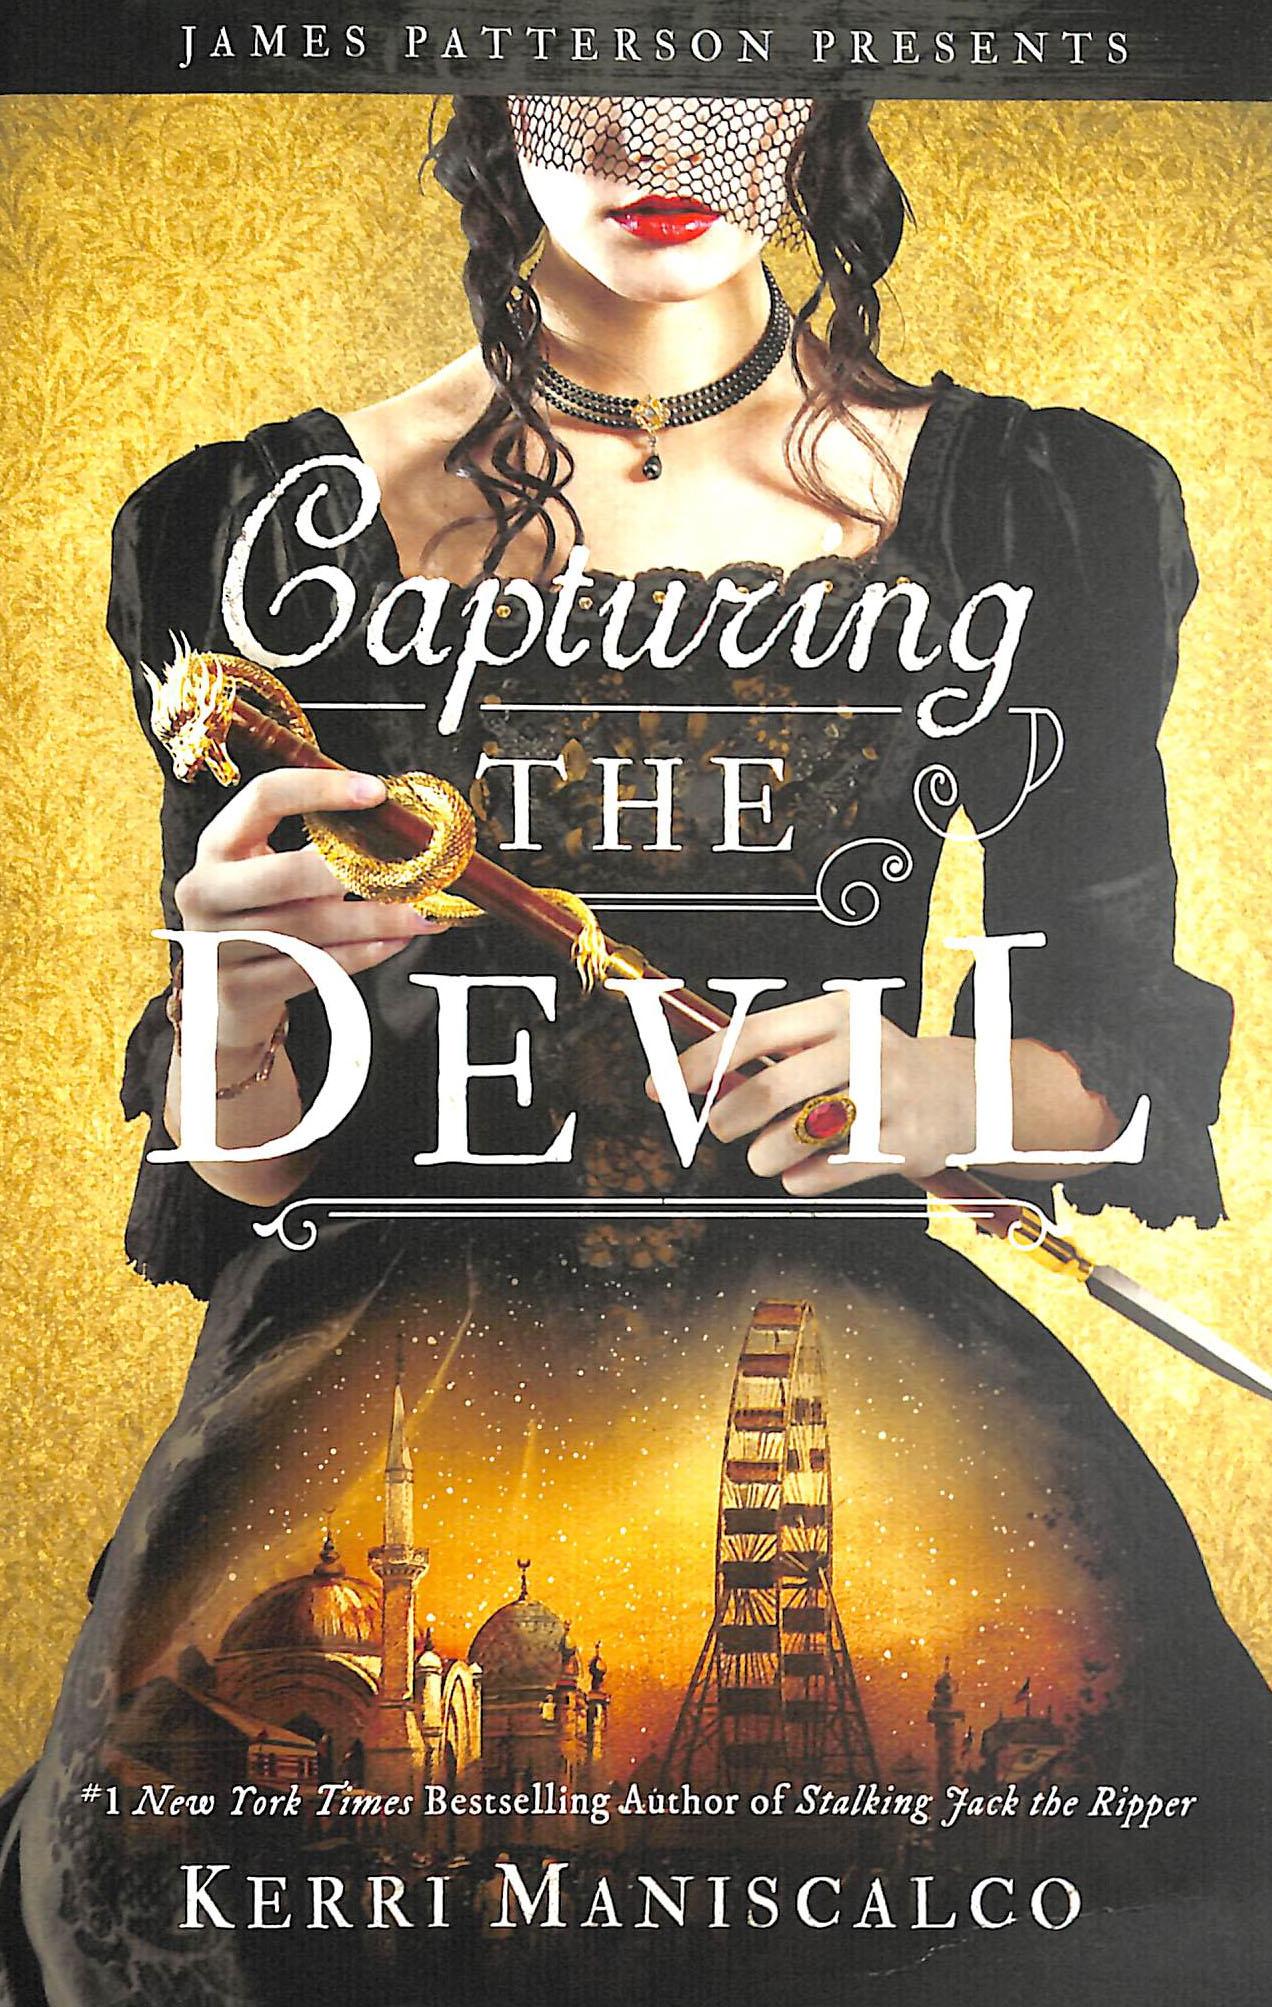 Image for Capturing the devil